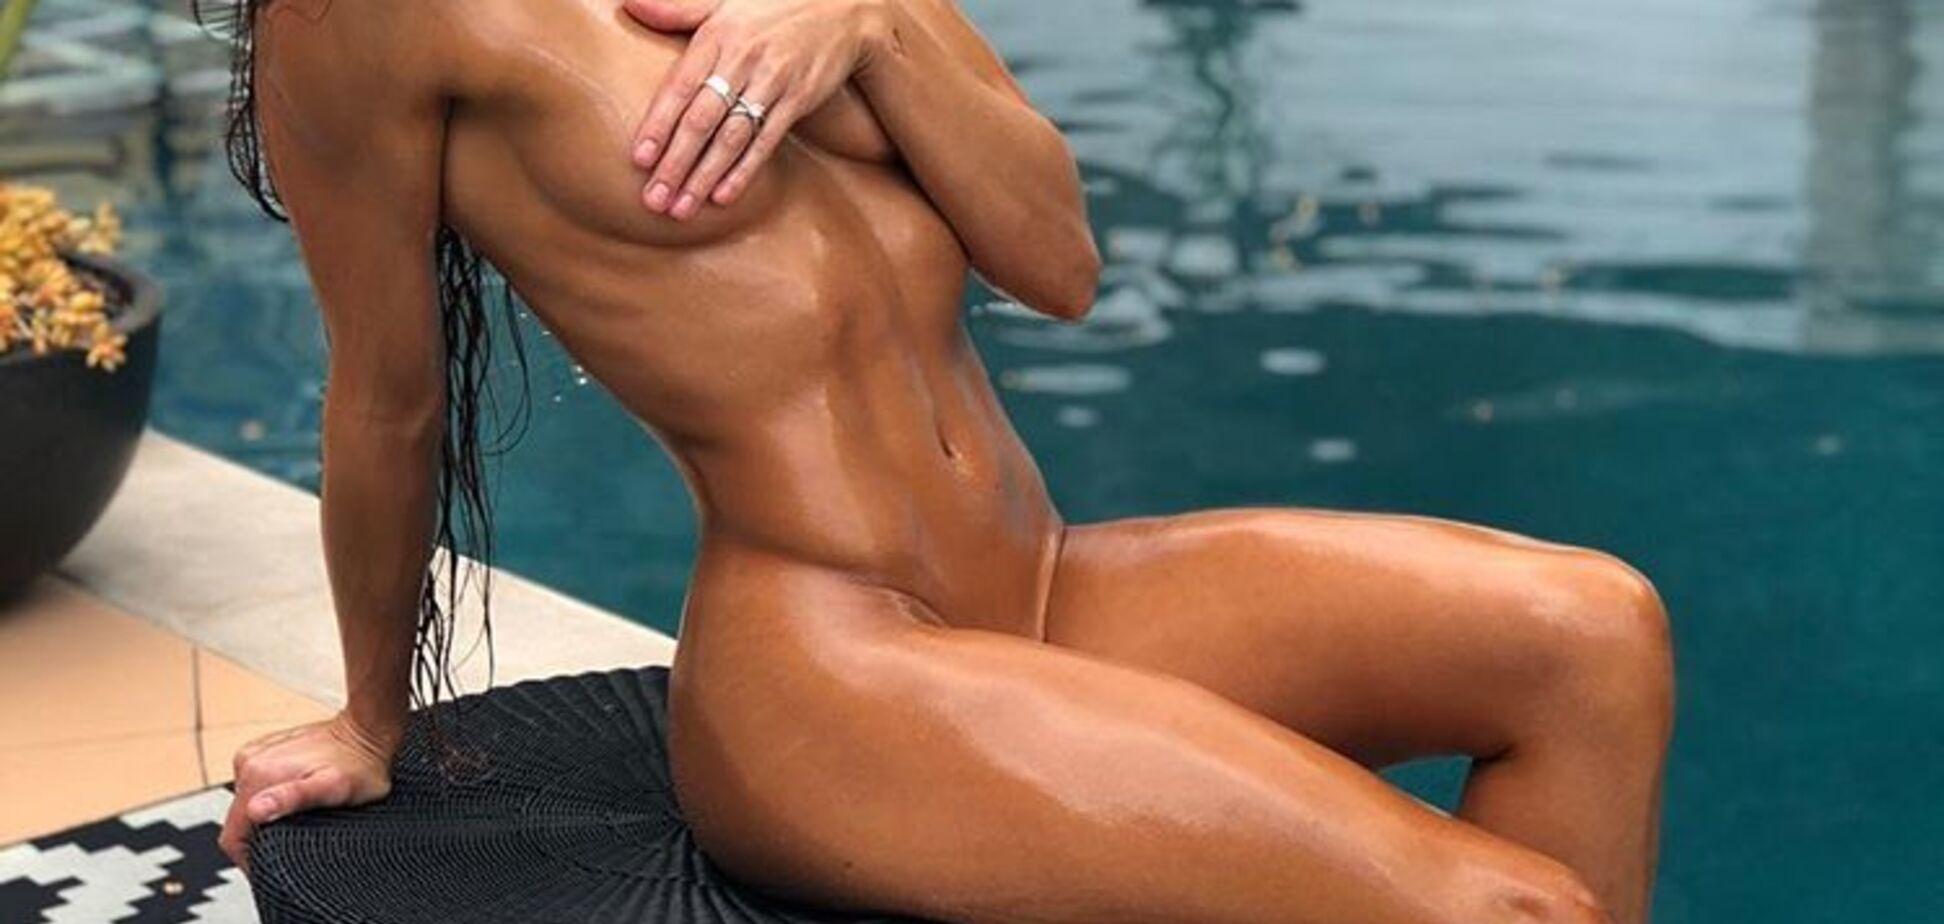 Знаменита фітнес-модель знялася голою, показавши ідеальне тіло